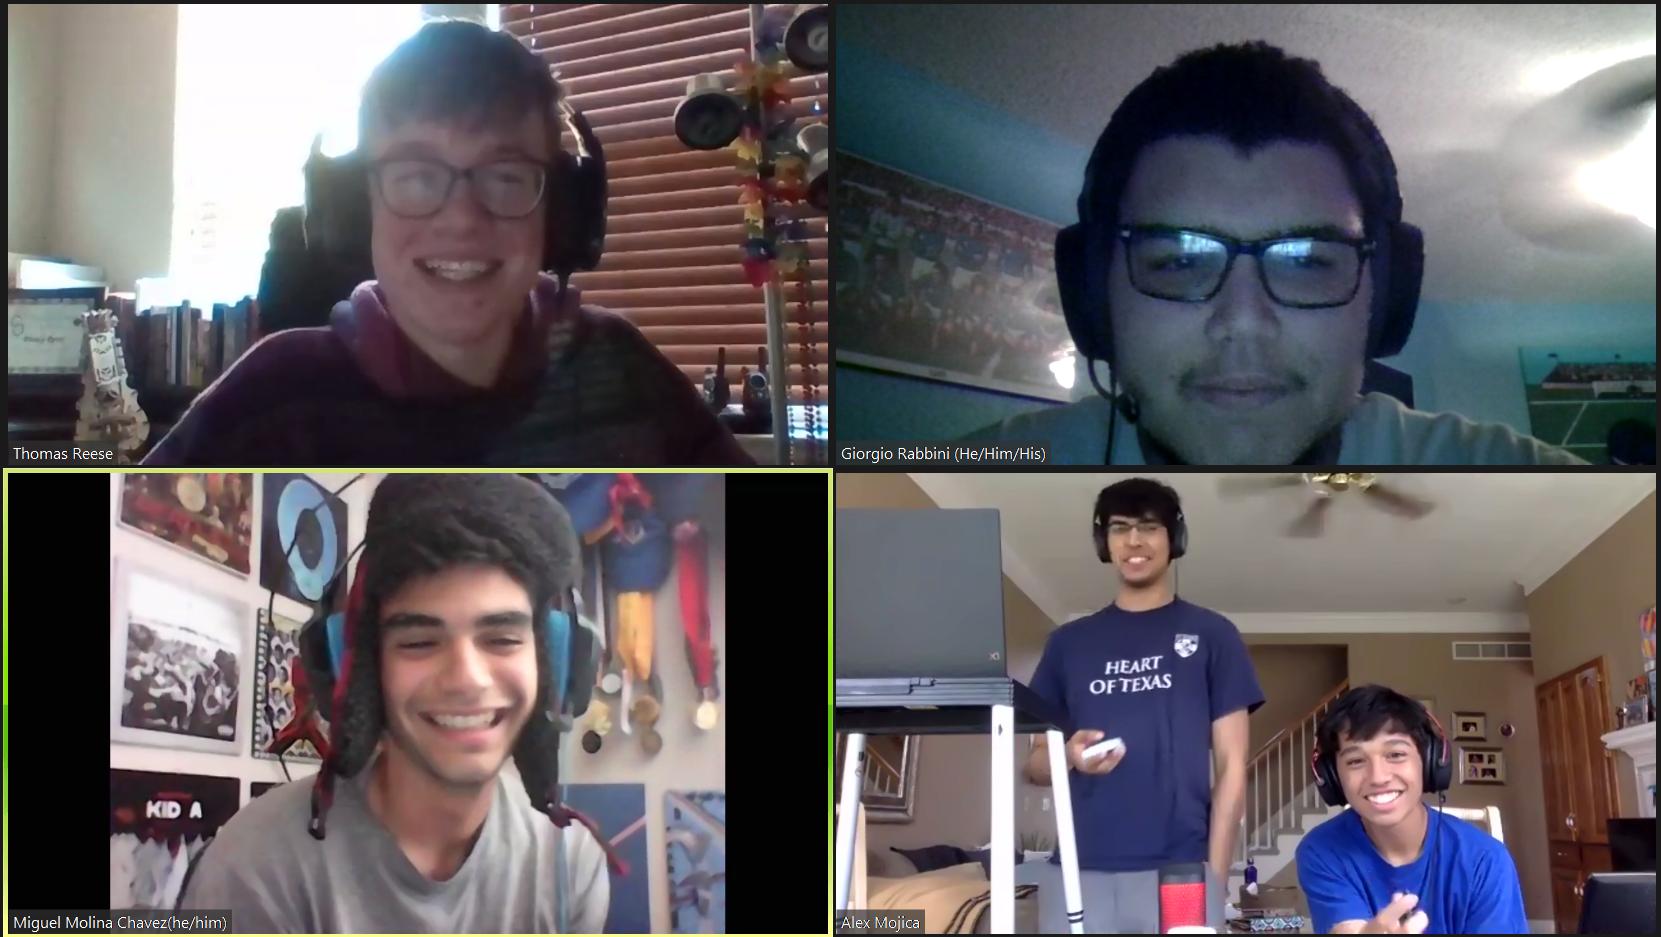 Thomas Reese, Giorgio Rabbini, Miguel Molina Chavez, Mayan Bhagavan, and Alex Mojica debate via Zoom video calls.